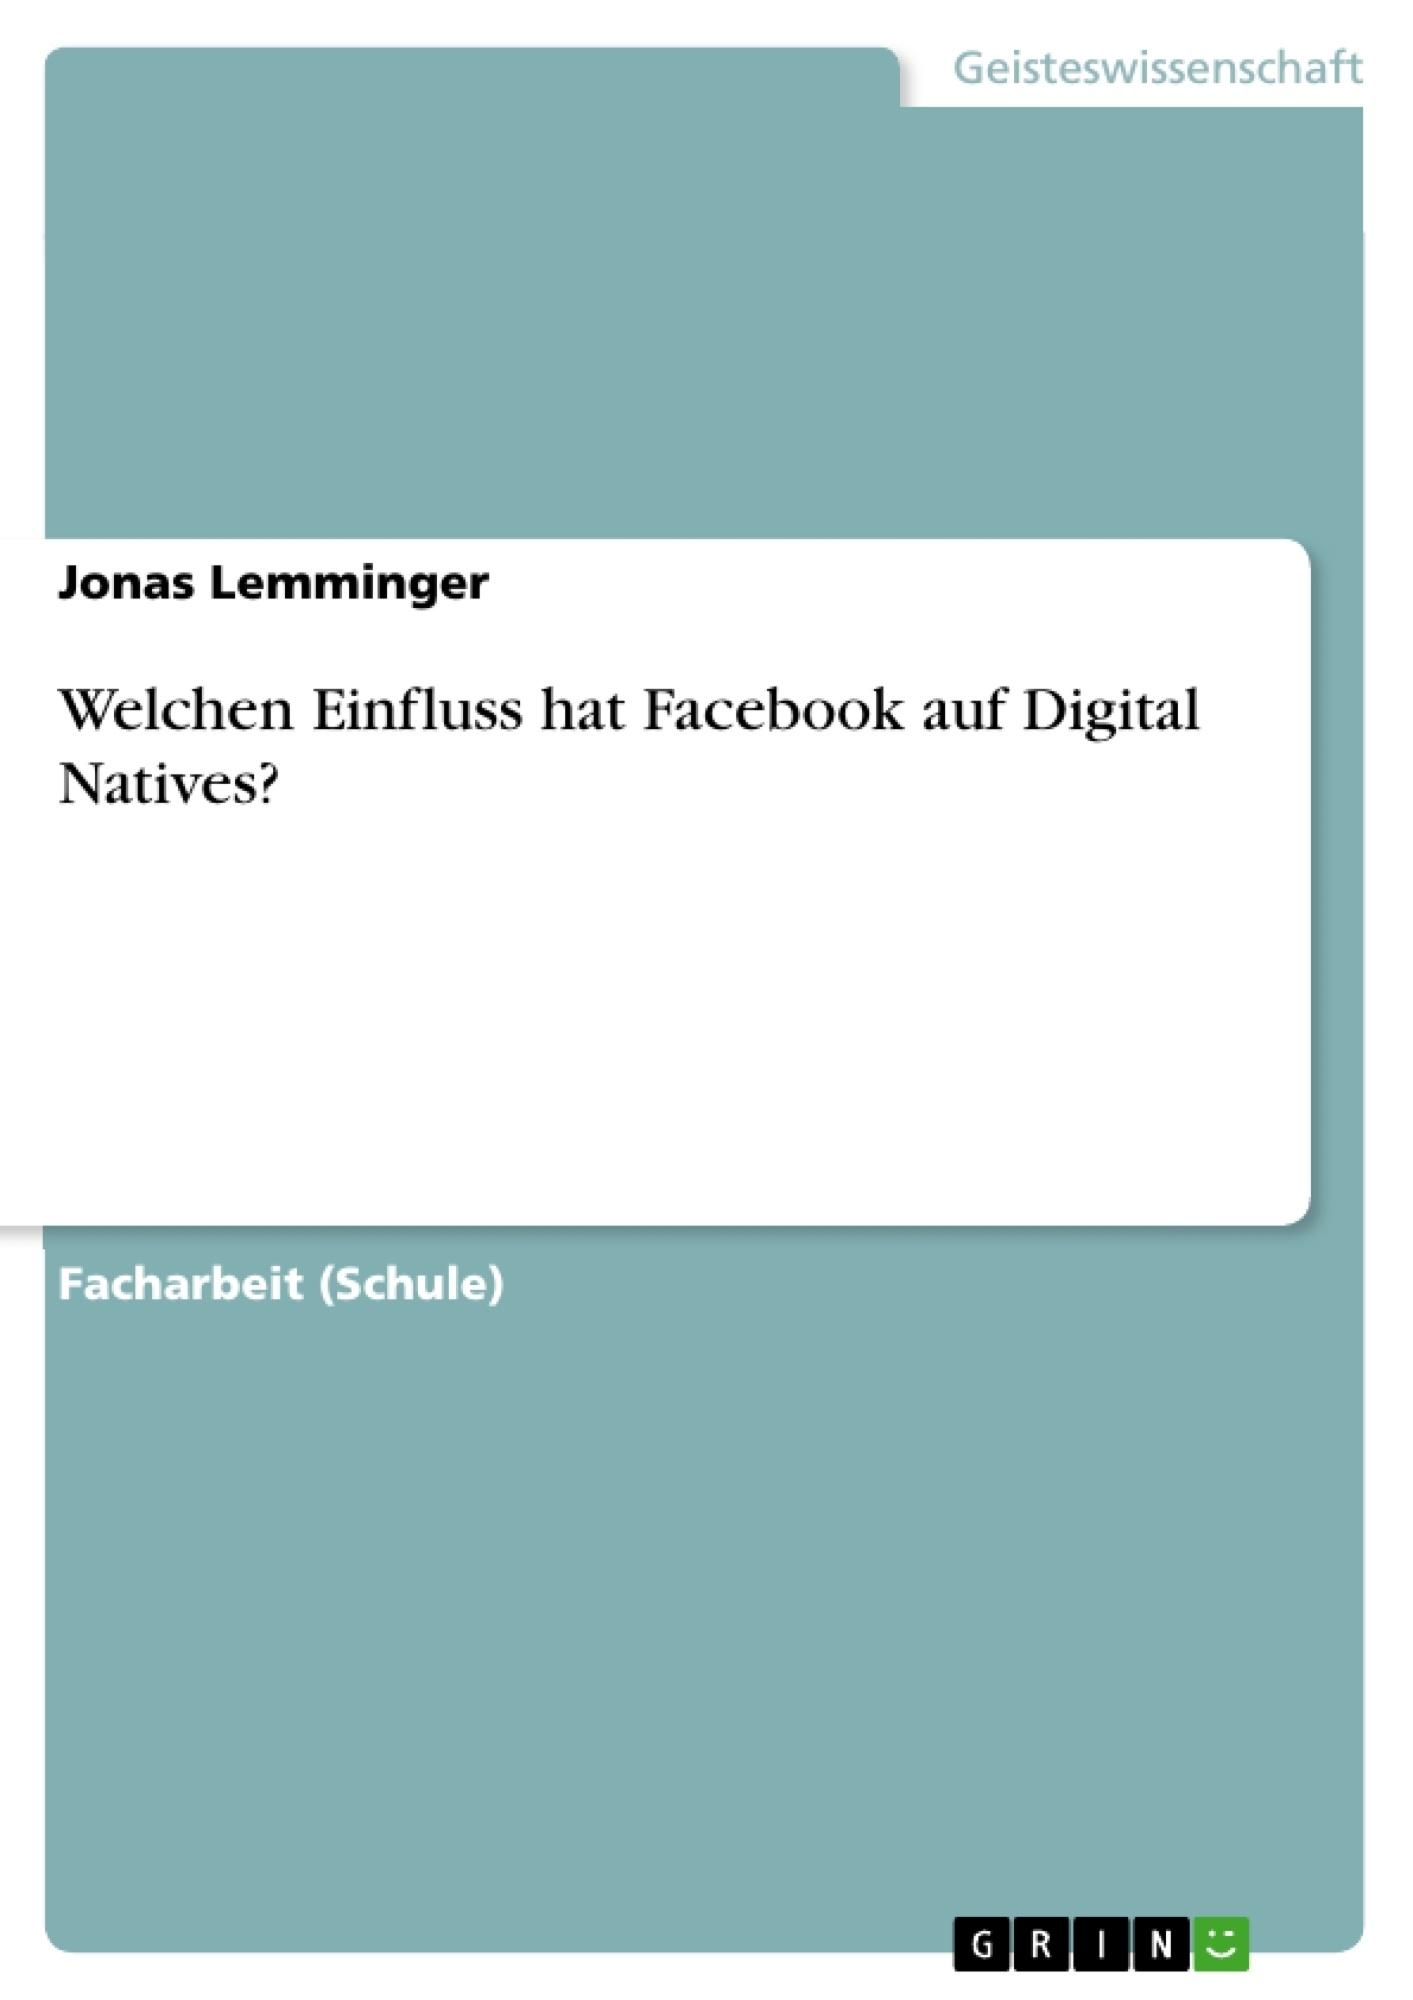 Titel: Welchen Einfluss hat Facebook auf Digital Natives?